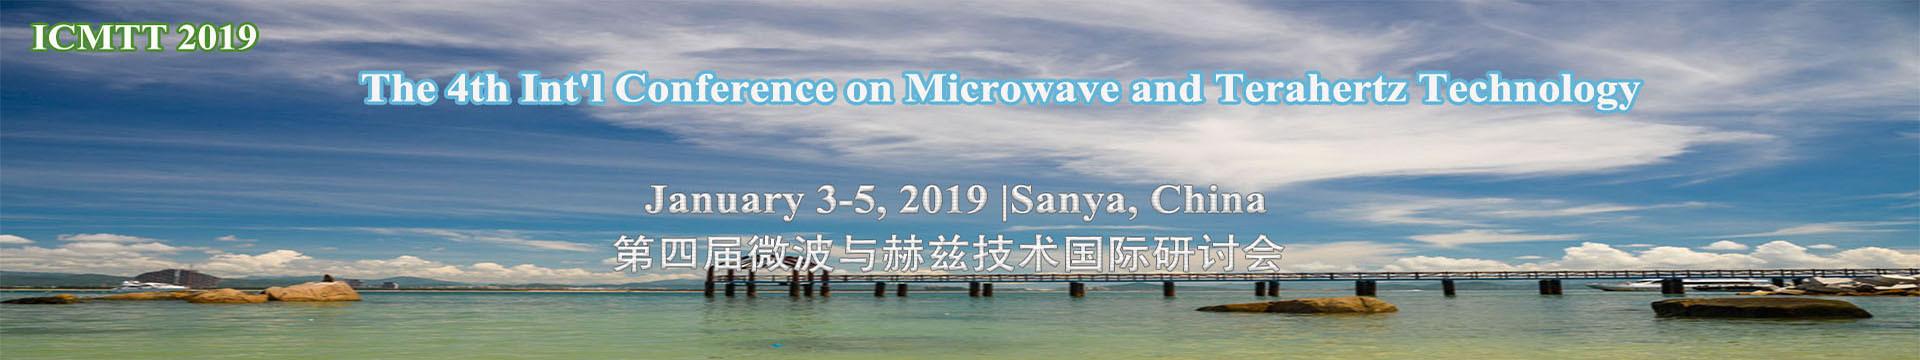 第四届微波与THz国际学术研讨会(ICMTT 2019)